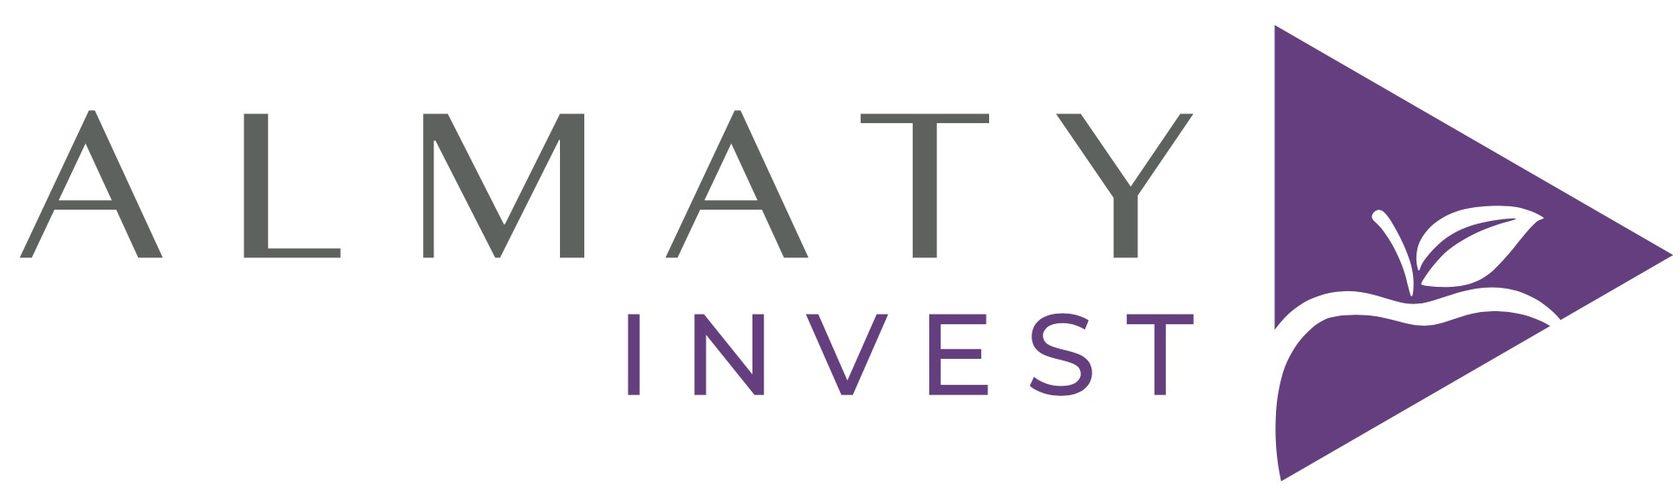 Almaty Invest